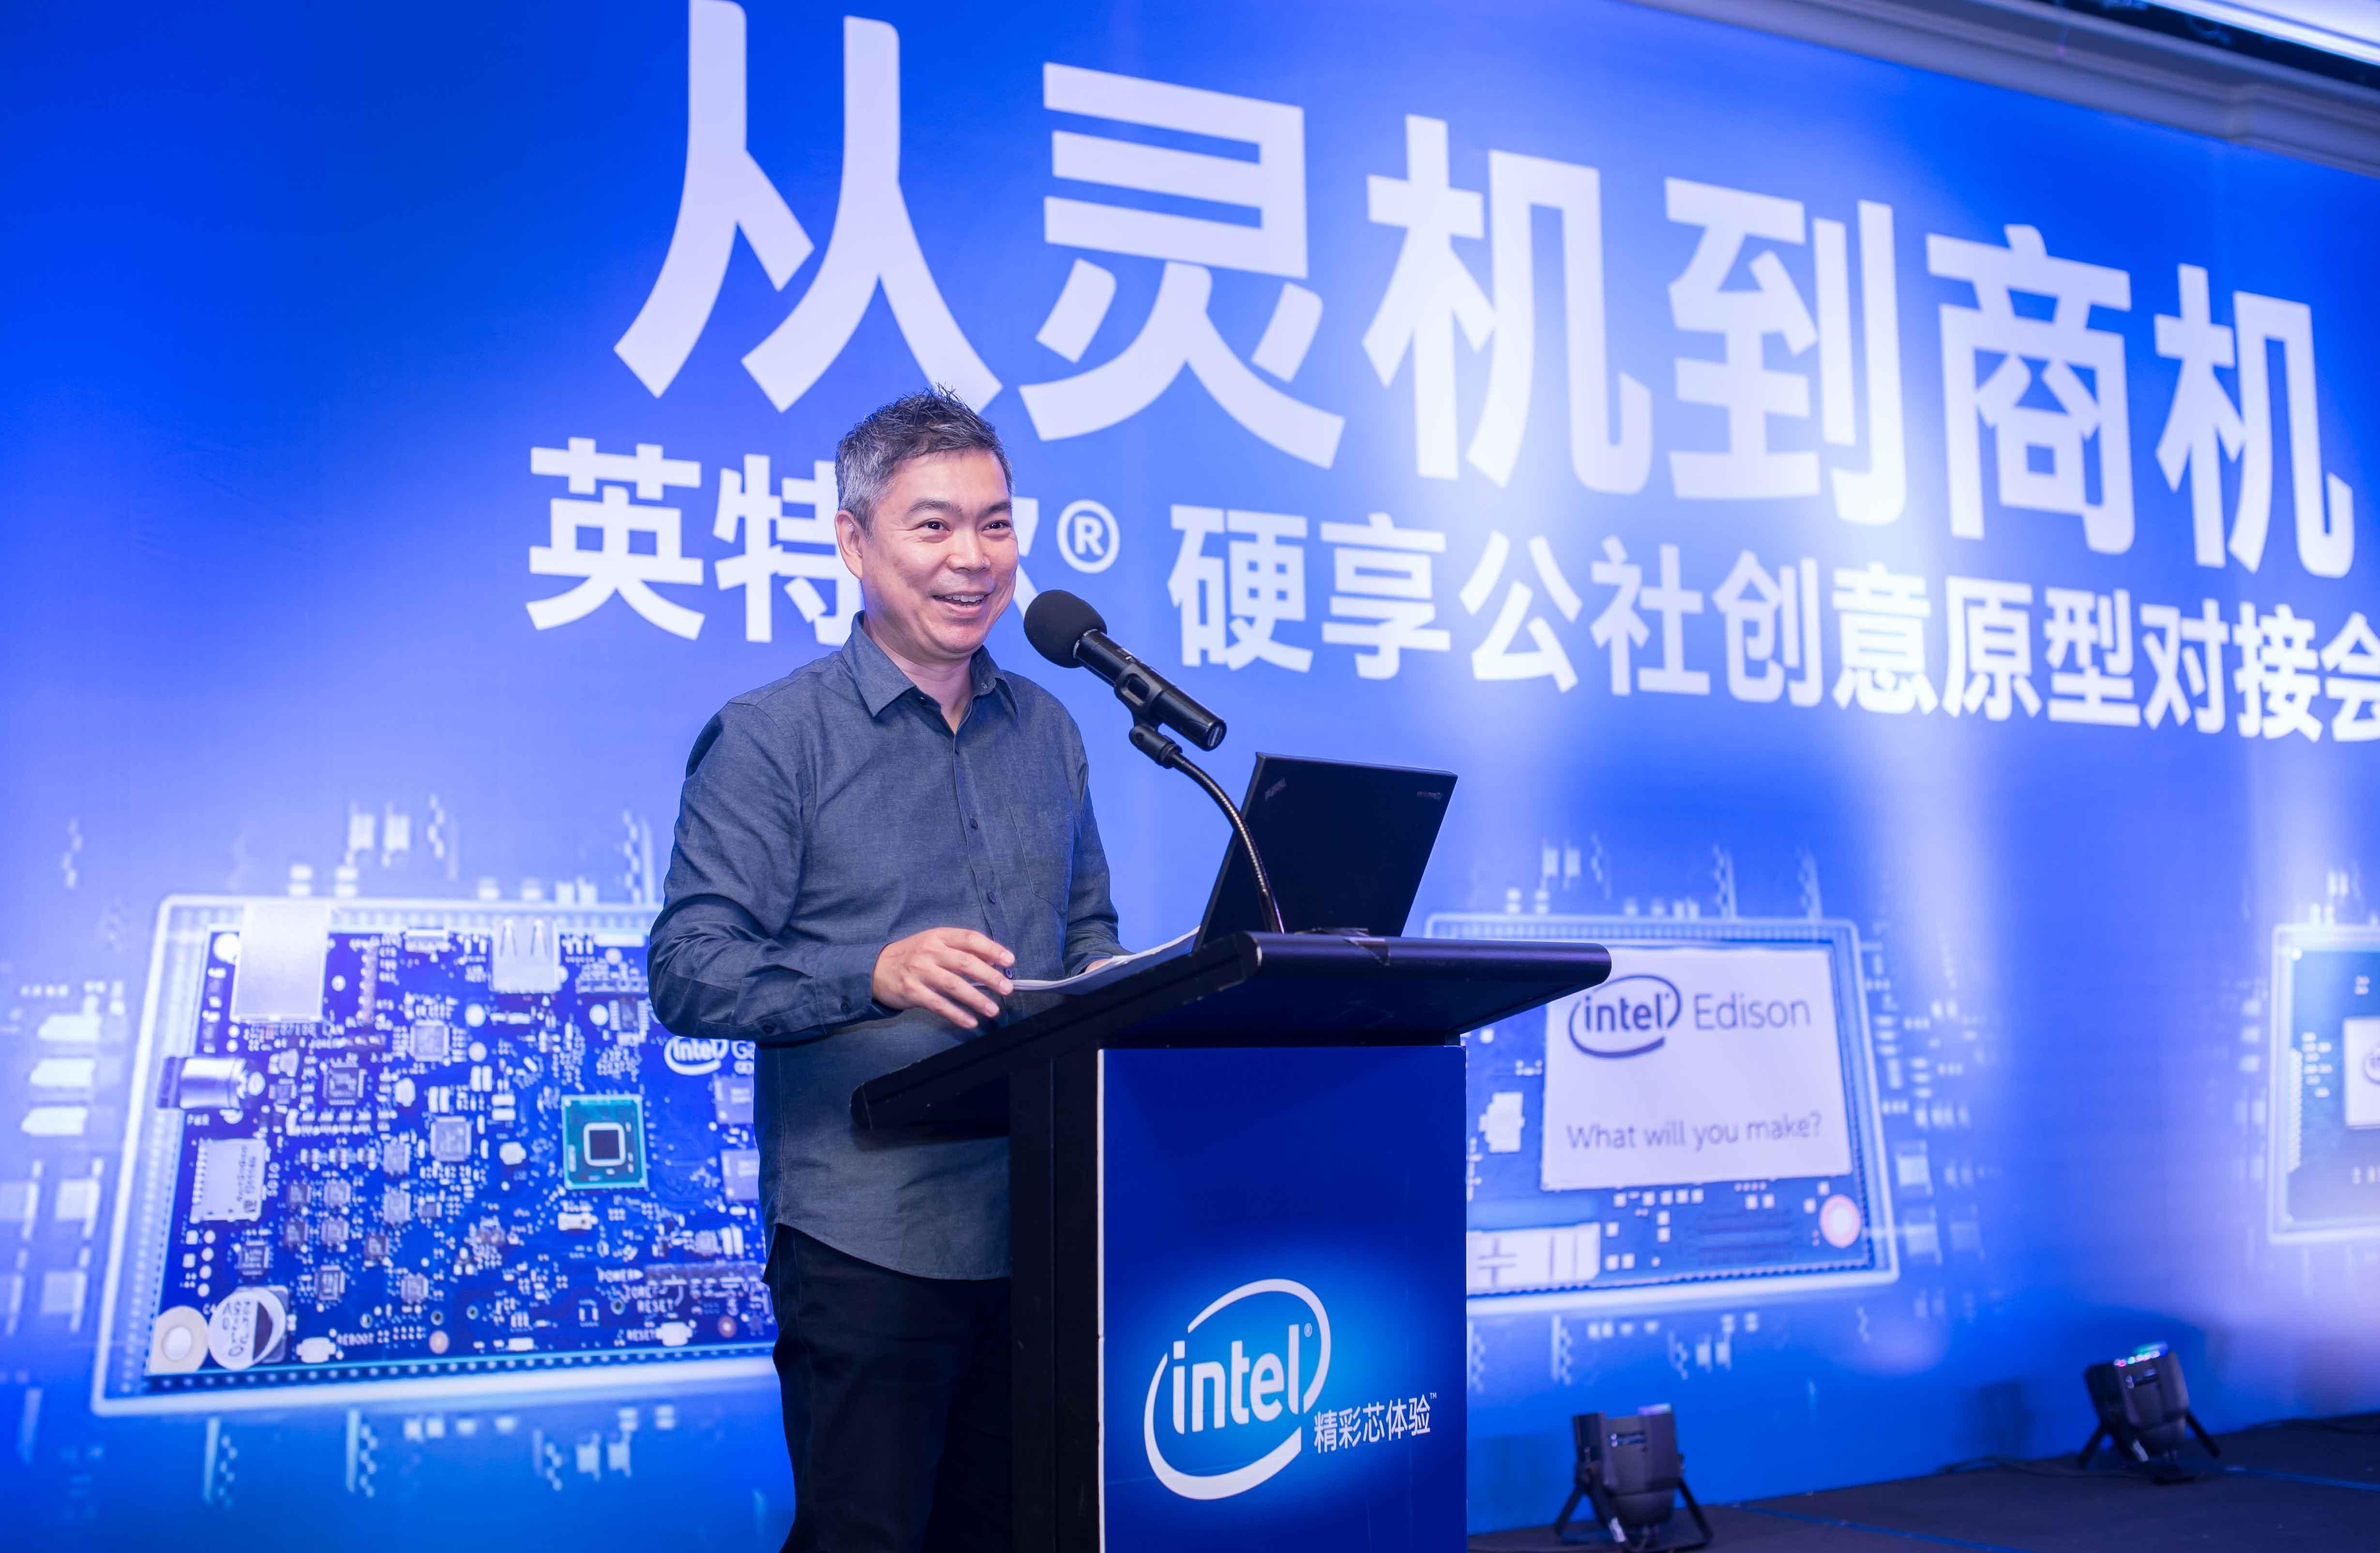 朱杰豪 / Courtesy Intel